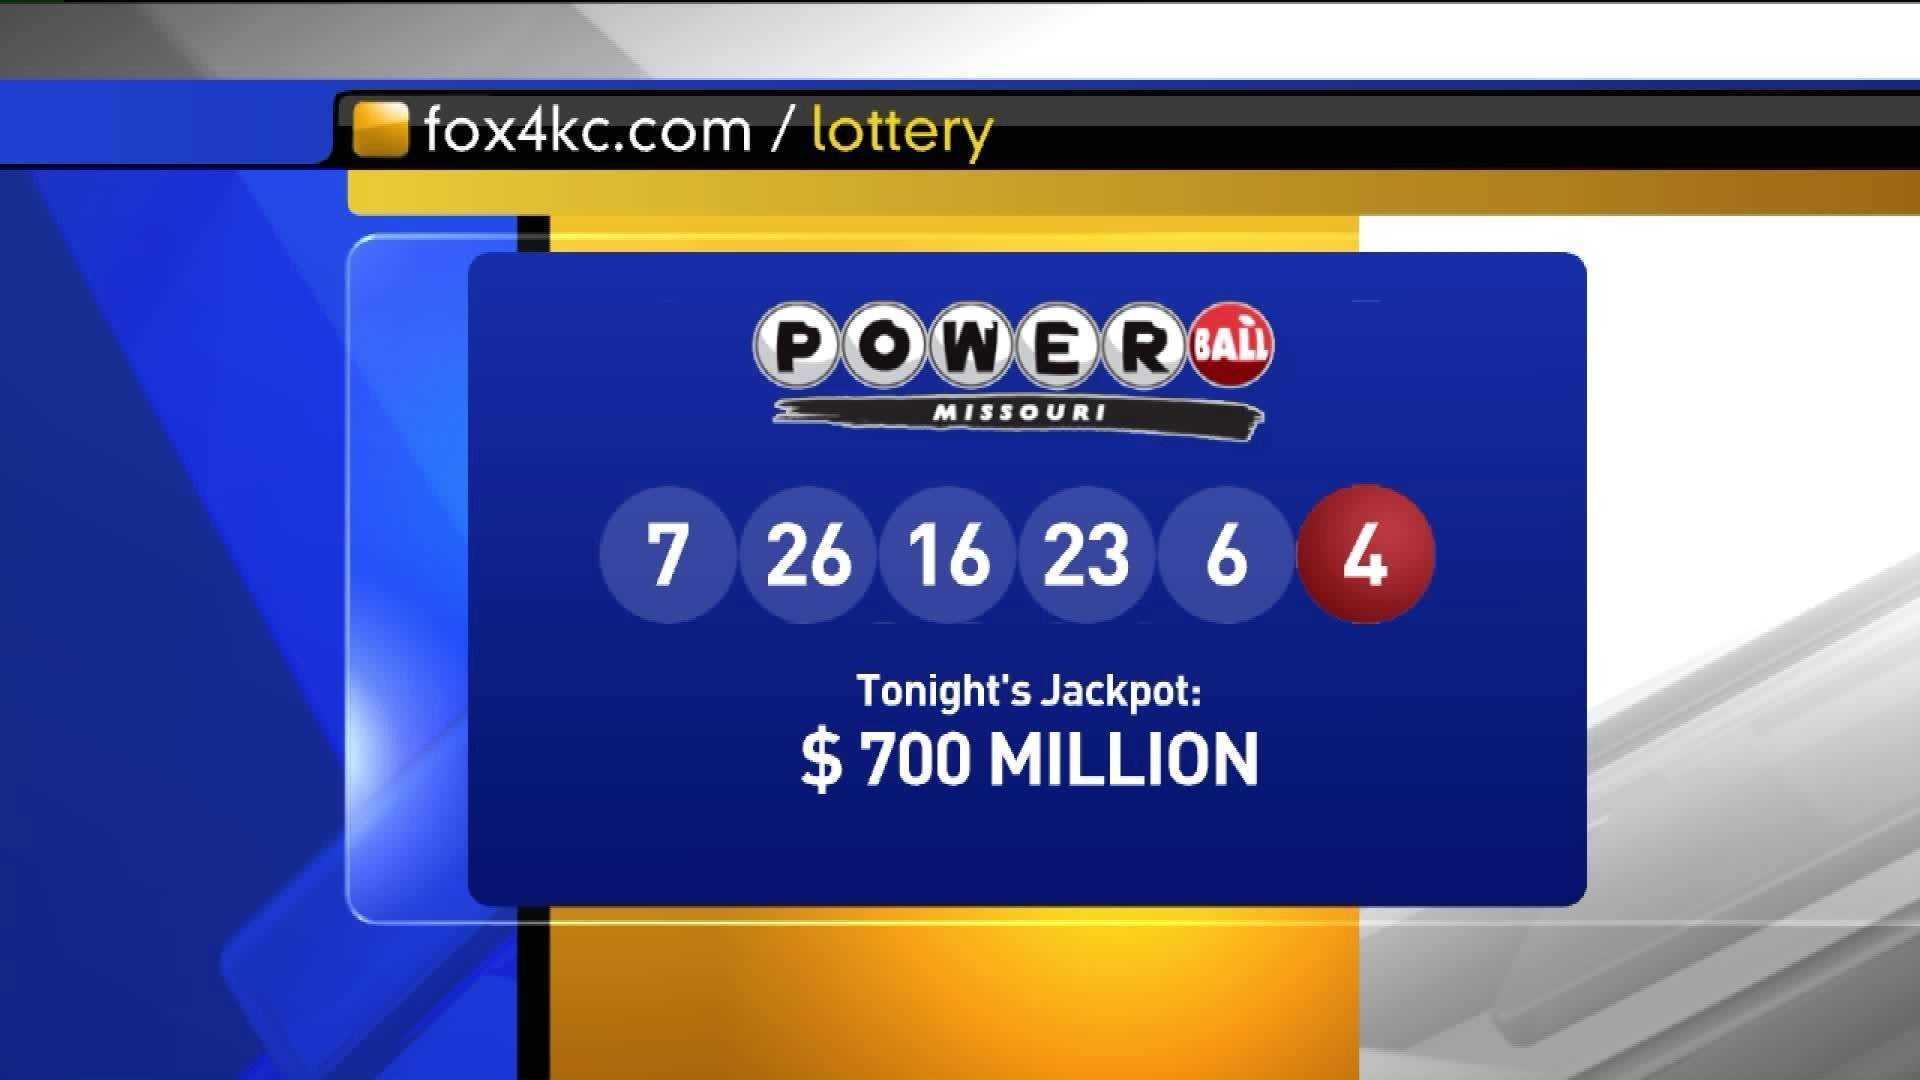 Pro e contro delle lotterie straniere - tutte le informazioni su varie lotterie